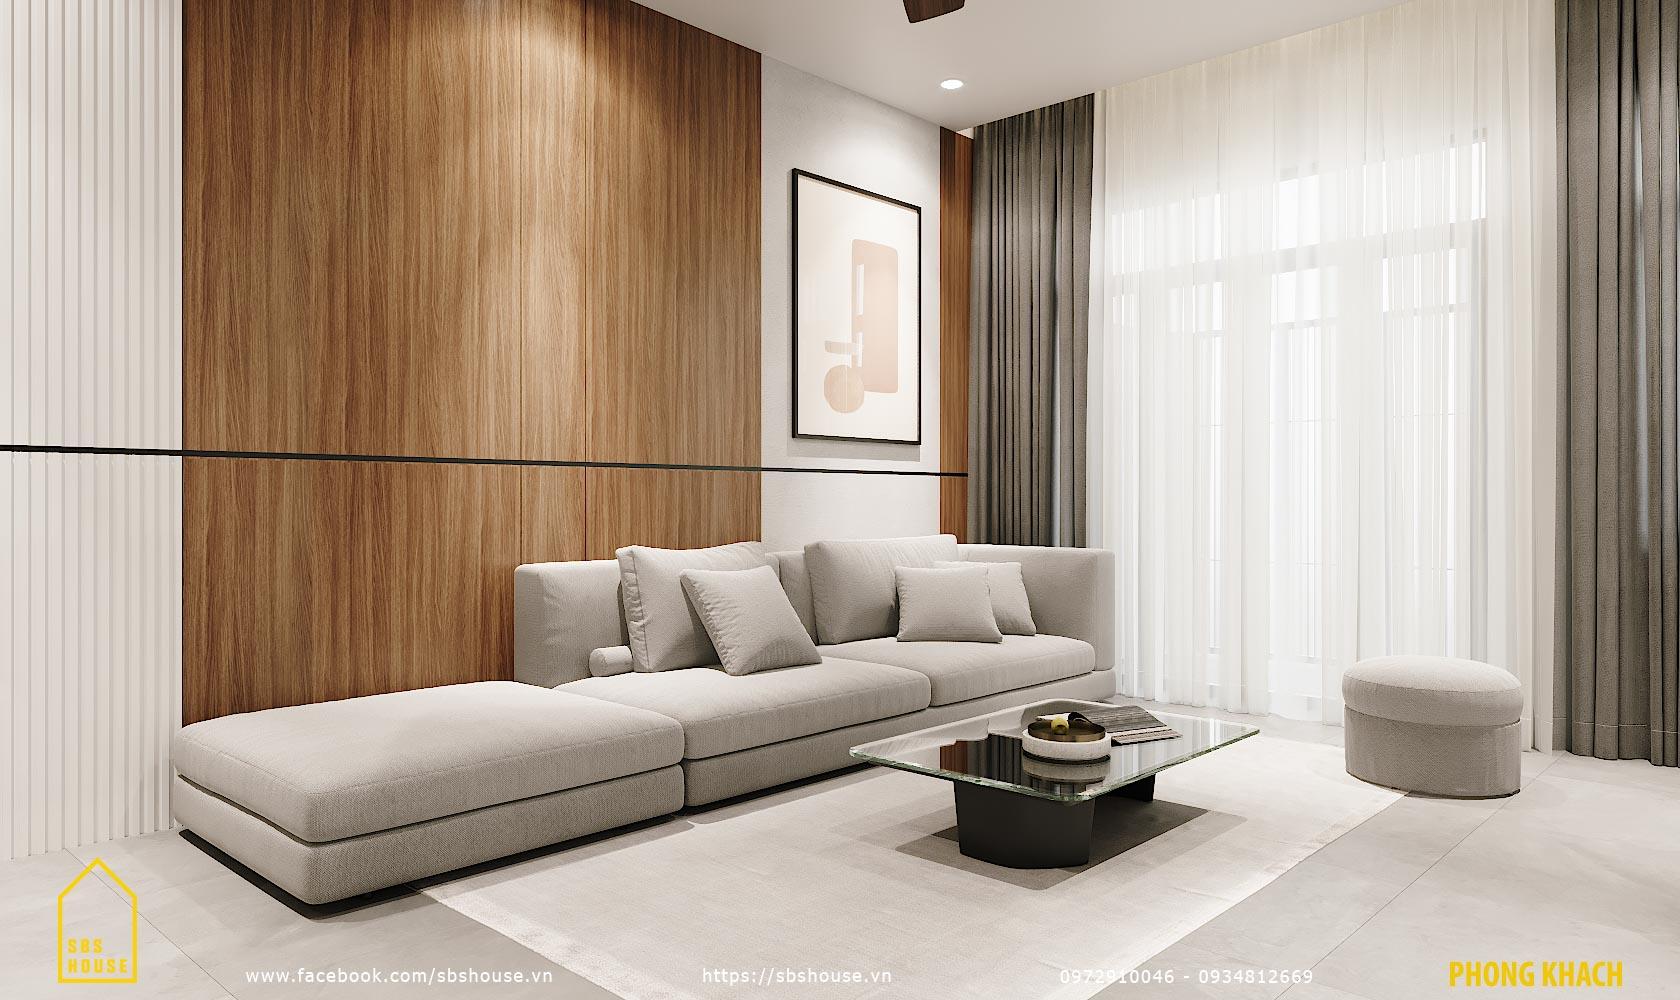 sofa băng dài màu xám trắng